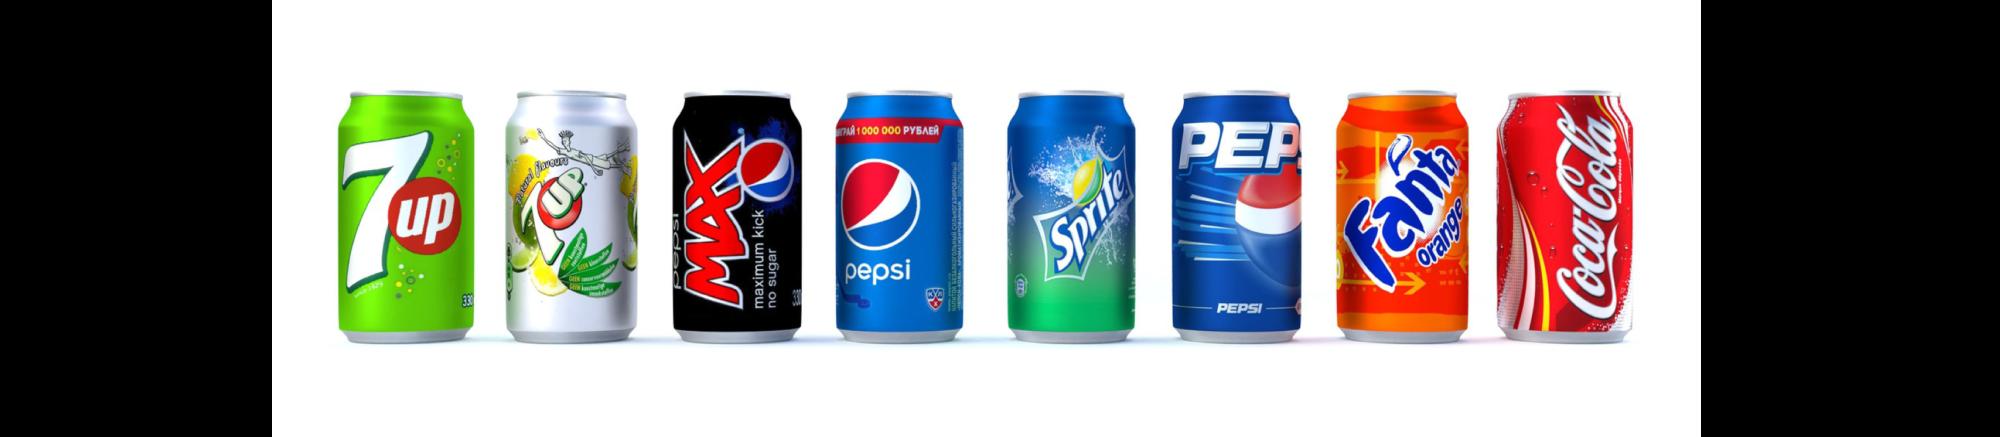 Rijtje blikjes van verschillende merken in verschillende kleuren.